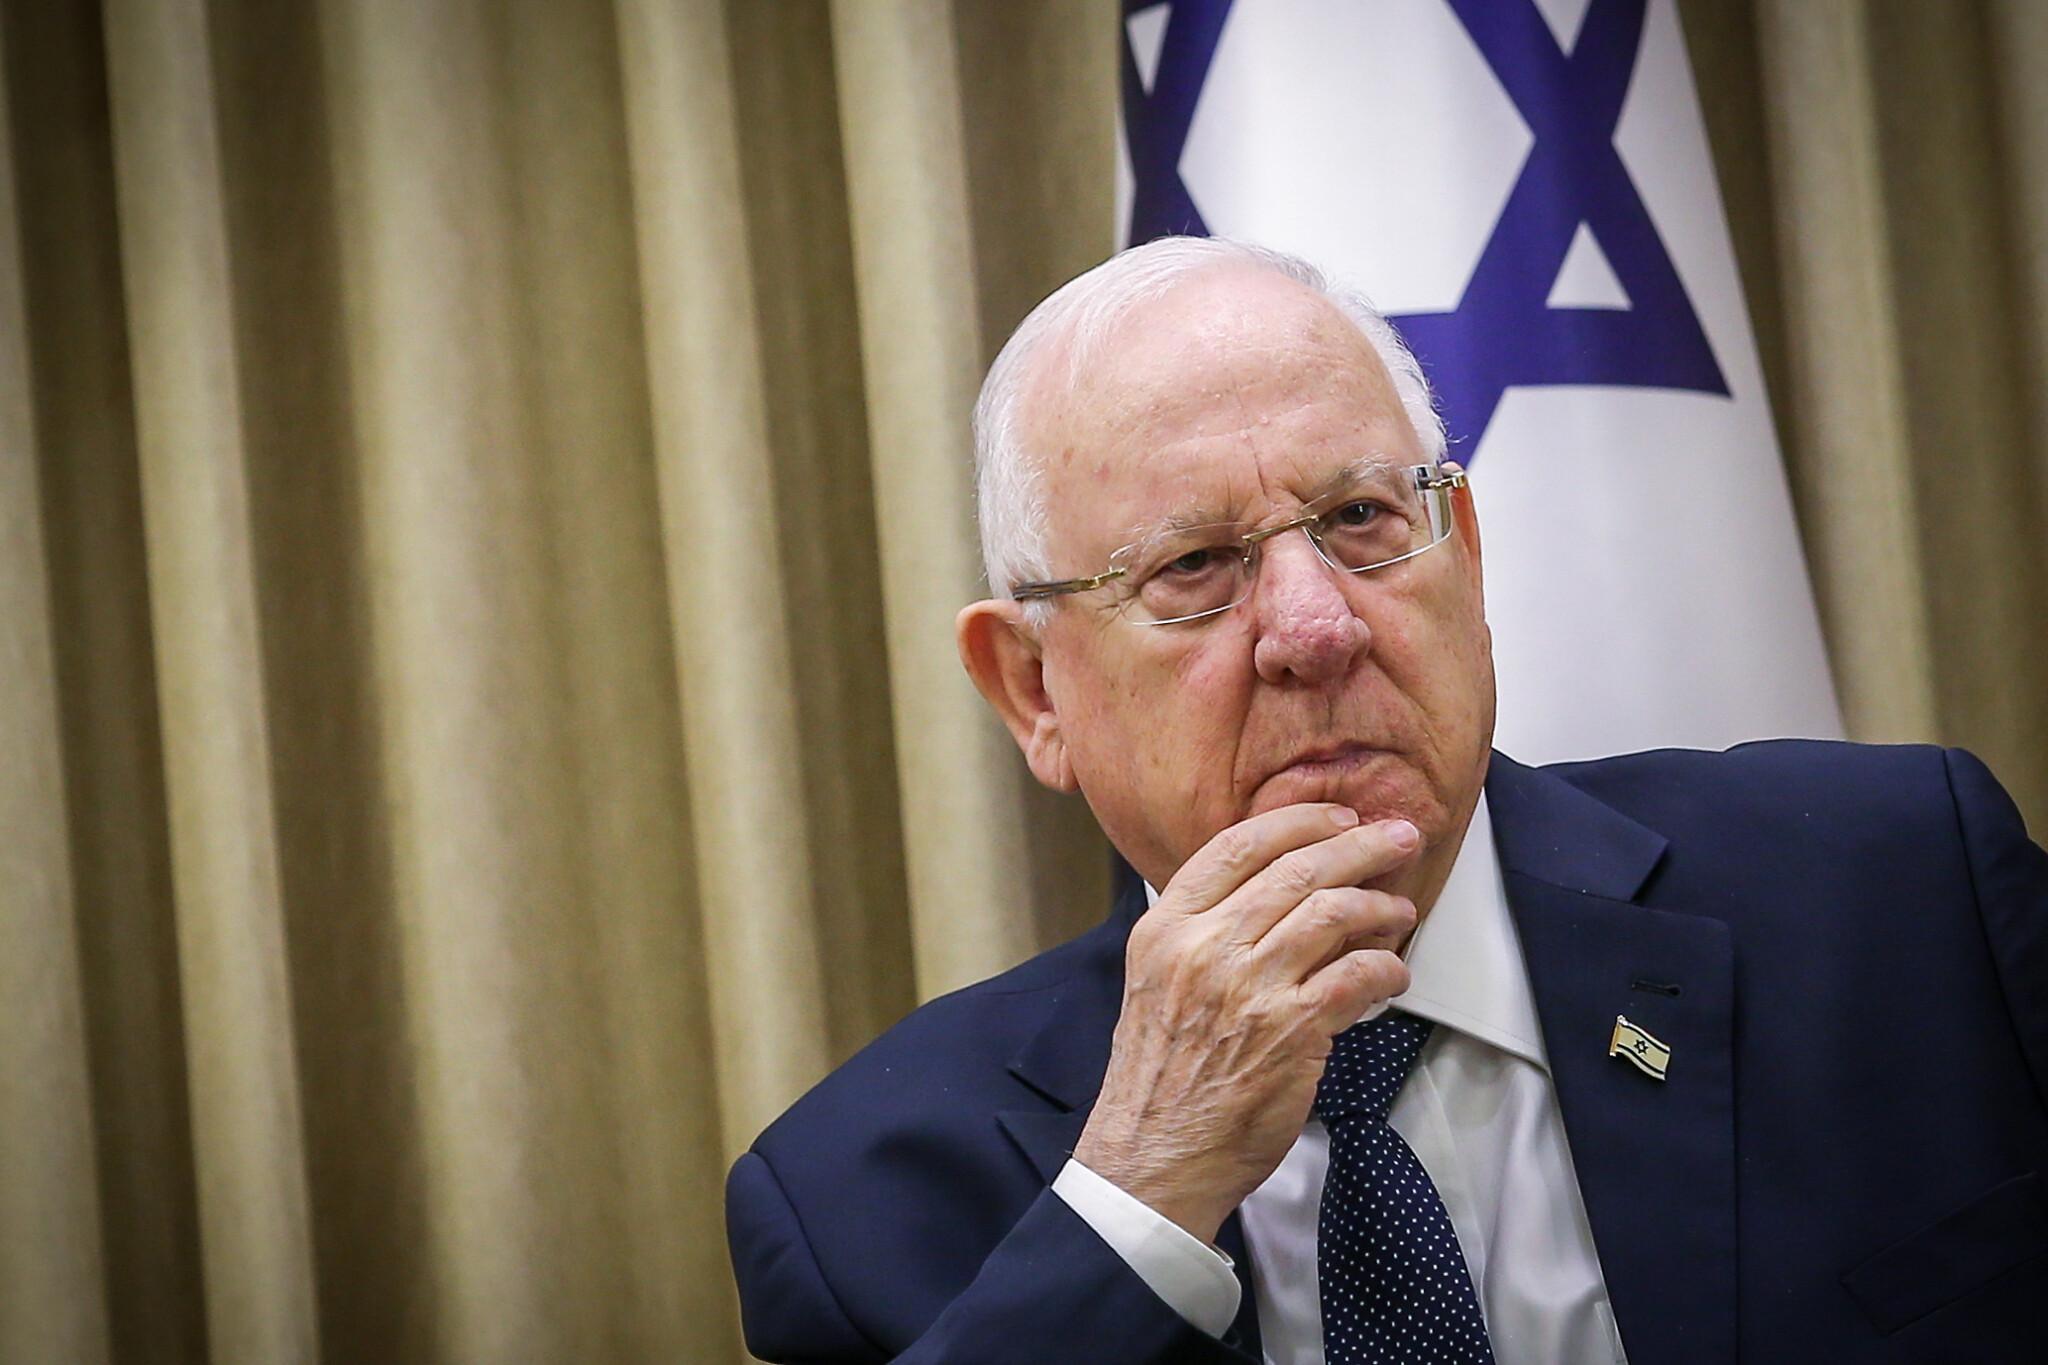 Szokatlan együttműködést sürget a politikai holtpont megszüntetése érdekében az izraeli államfő